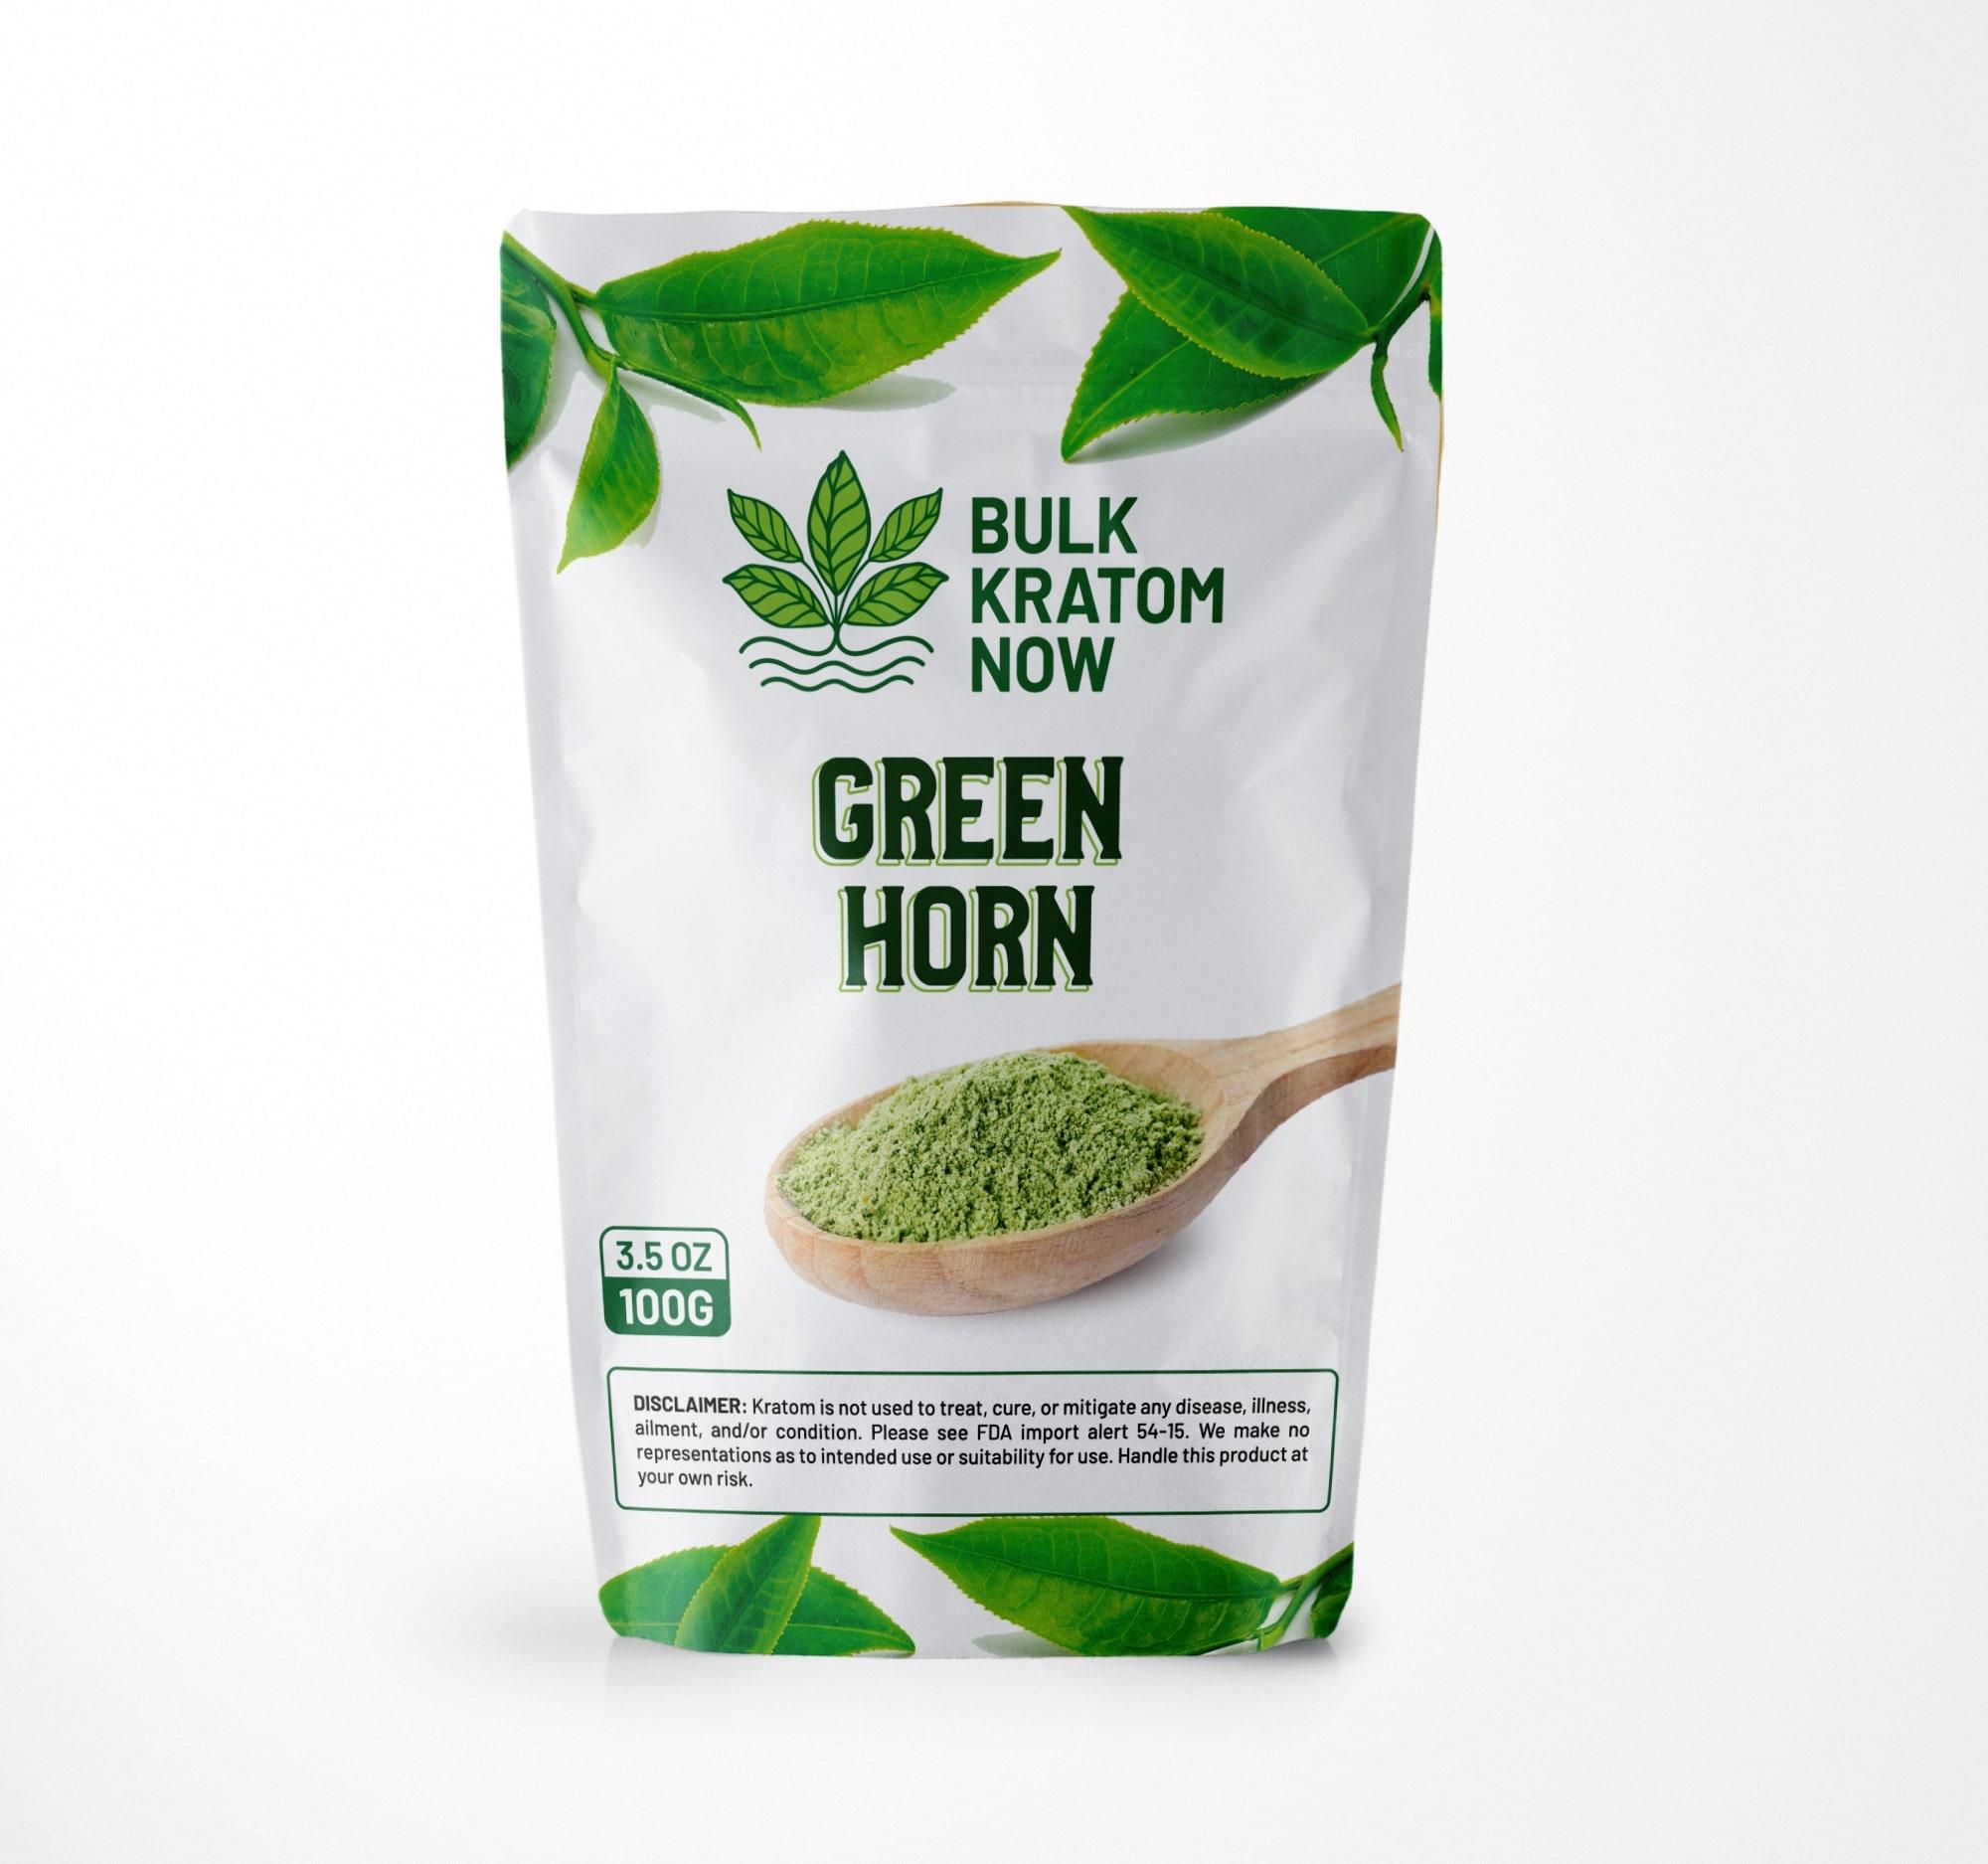 Green Horn Bulk Kratom